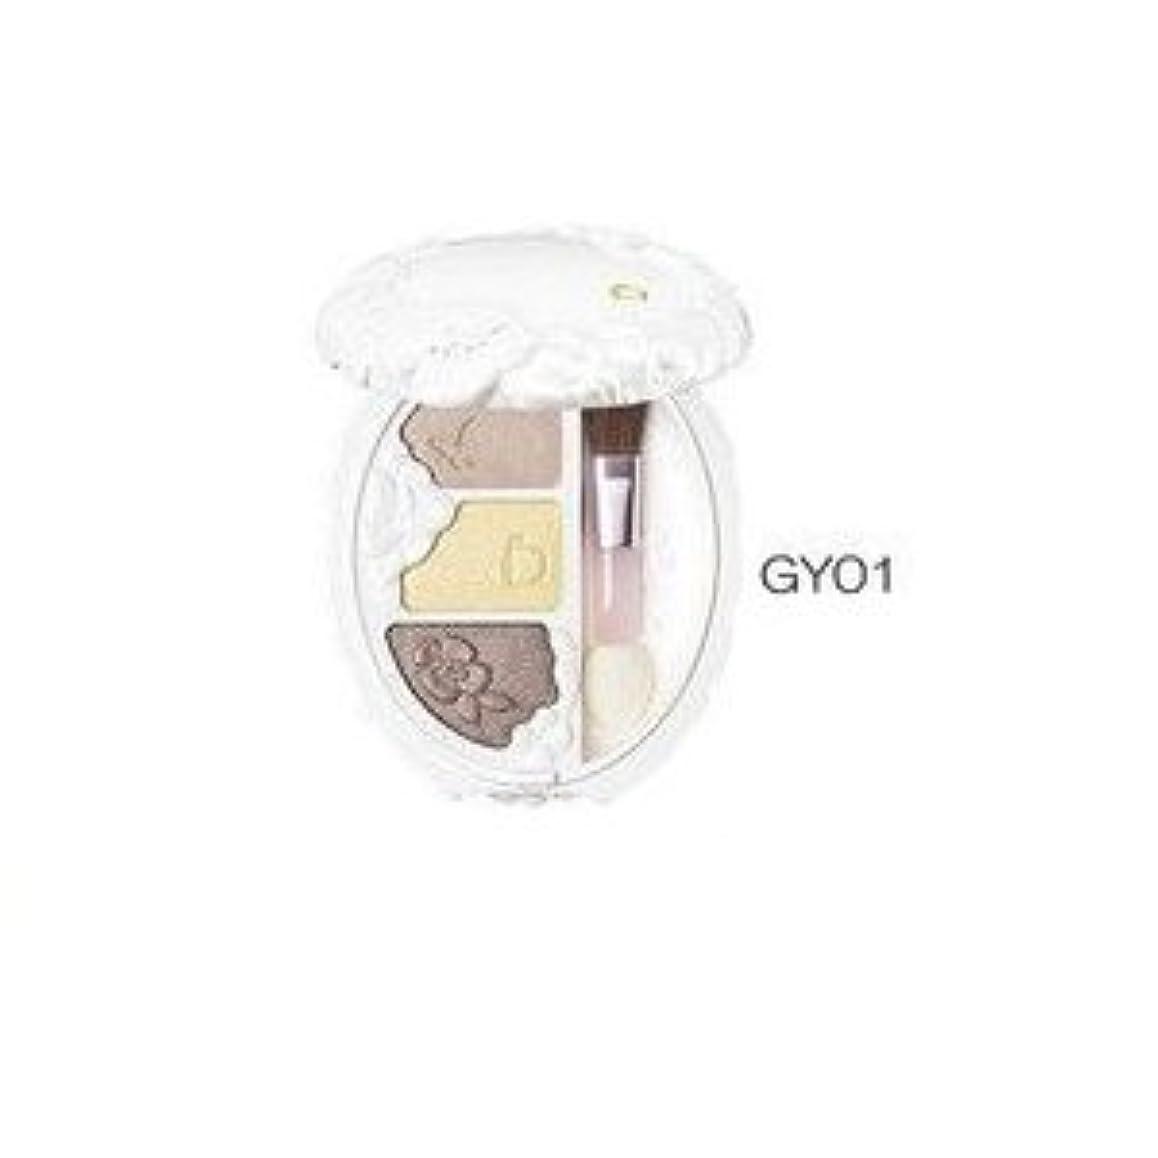 散逸許されるグリット資生堂 ベネフィーク セオティ アイカラーパレット オーロラパール GY01 4g